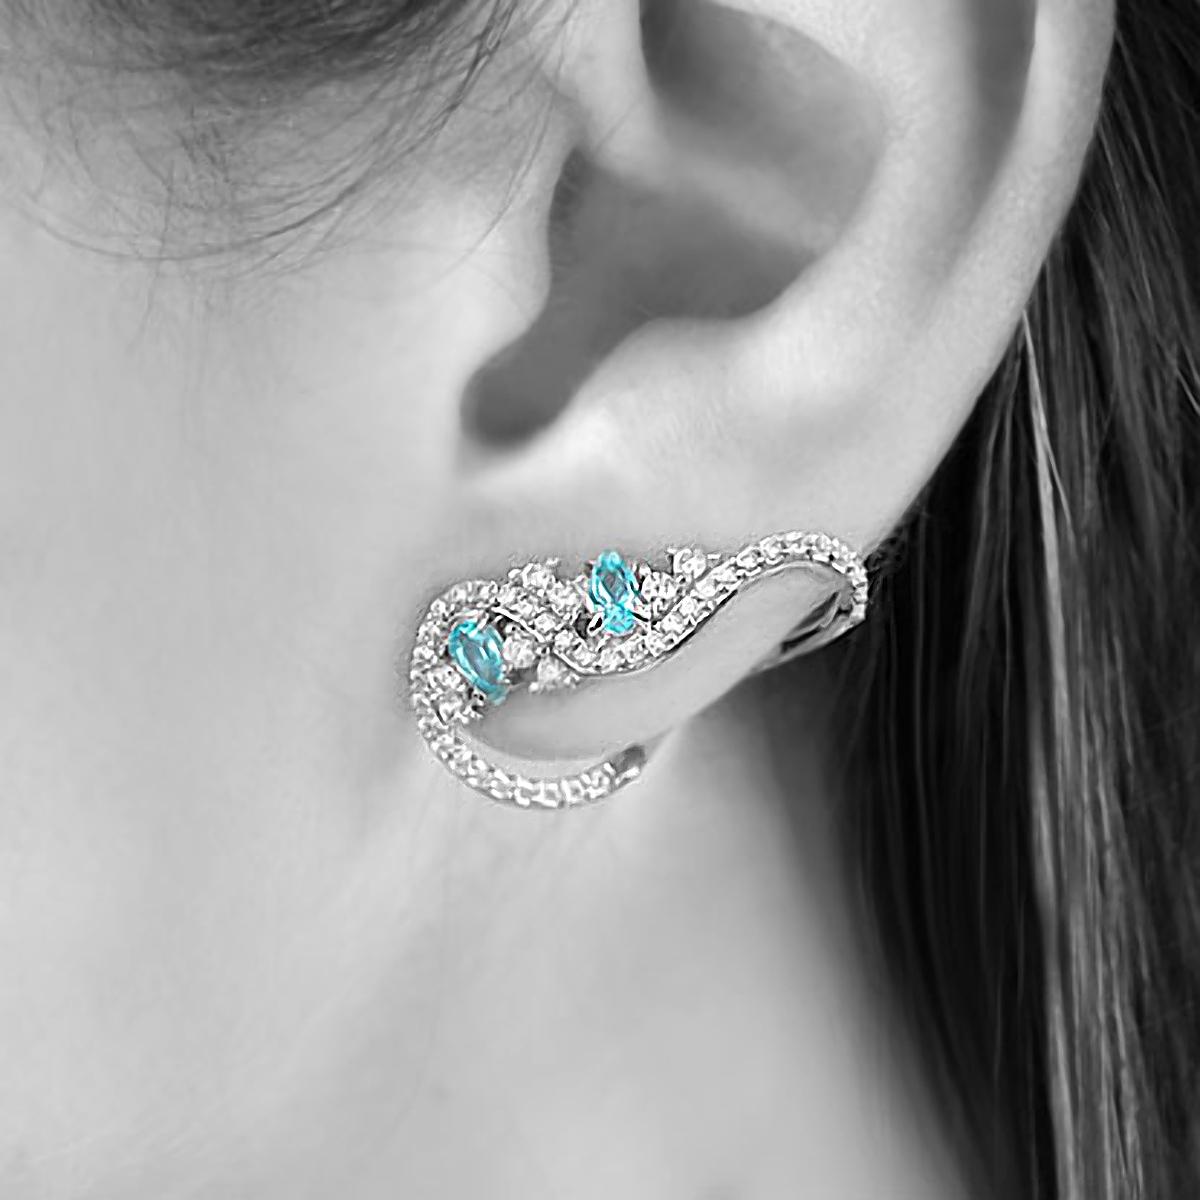 Brinco Ear Cuff Ramo Semijoia em Ródio Branco com Zircônia Branca e Gotas de Cristal Turmalina Azul  - Soloyou